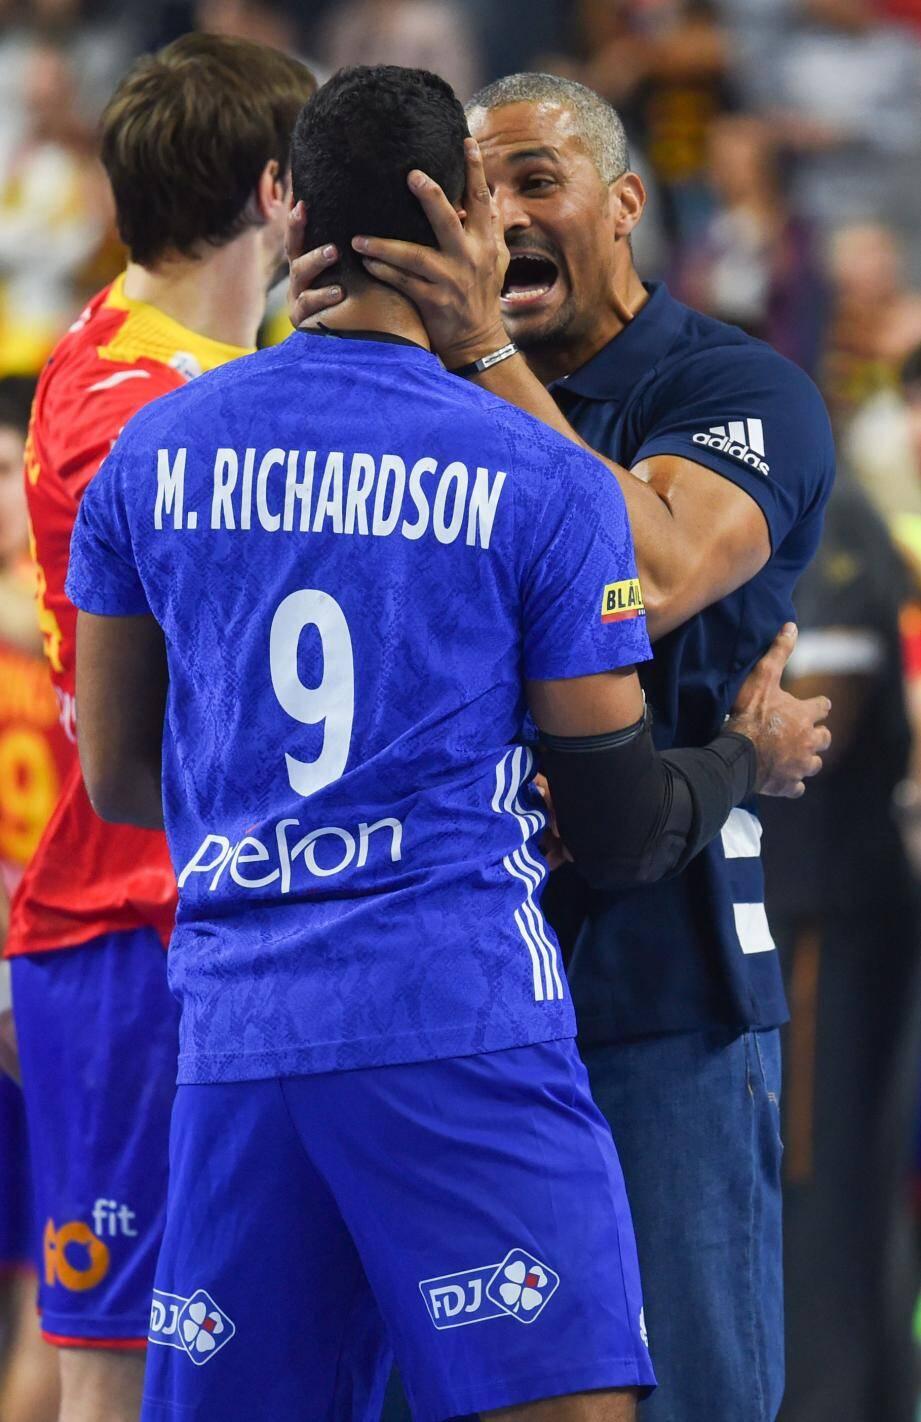 Coach Dinart est fier de ses hommes. Pas vrai, Melvyn Richardson ?